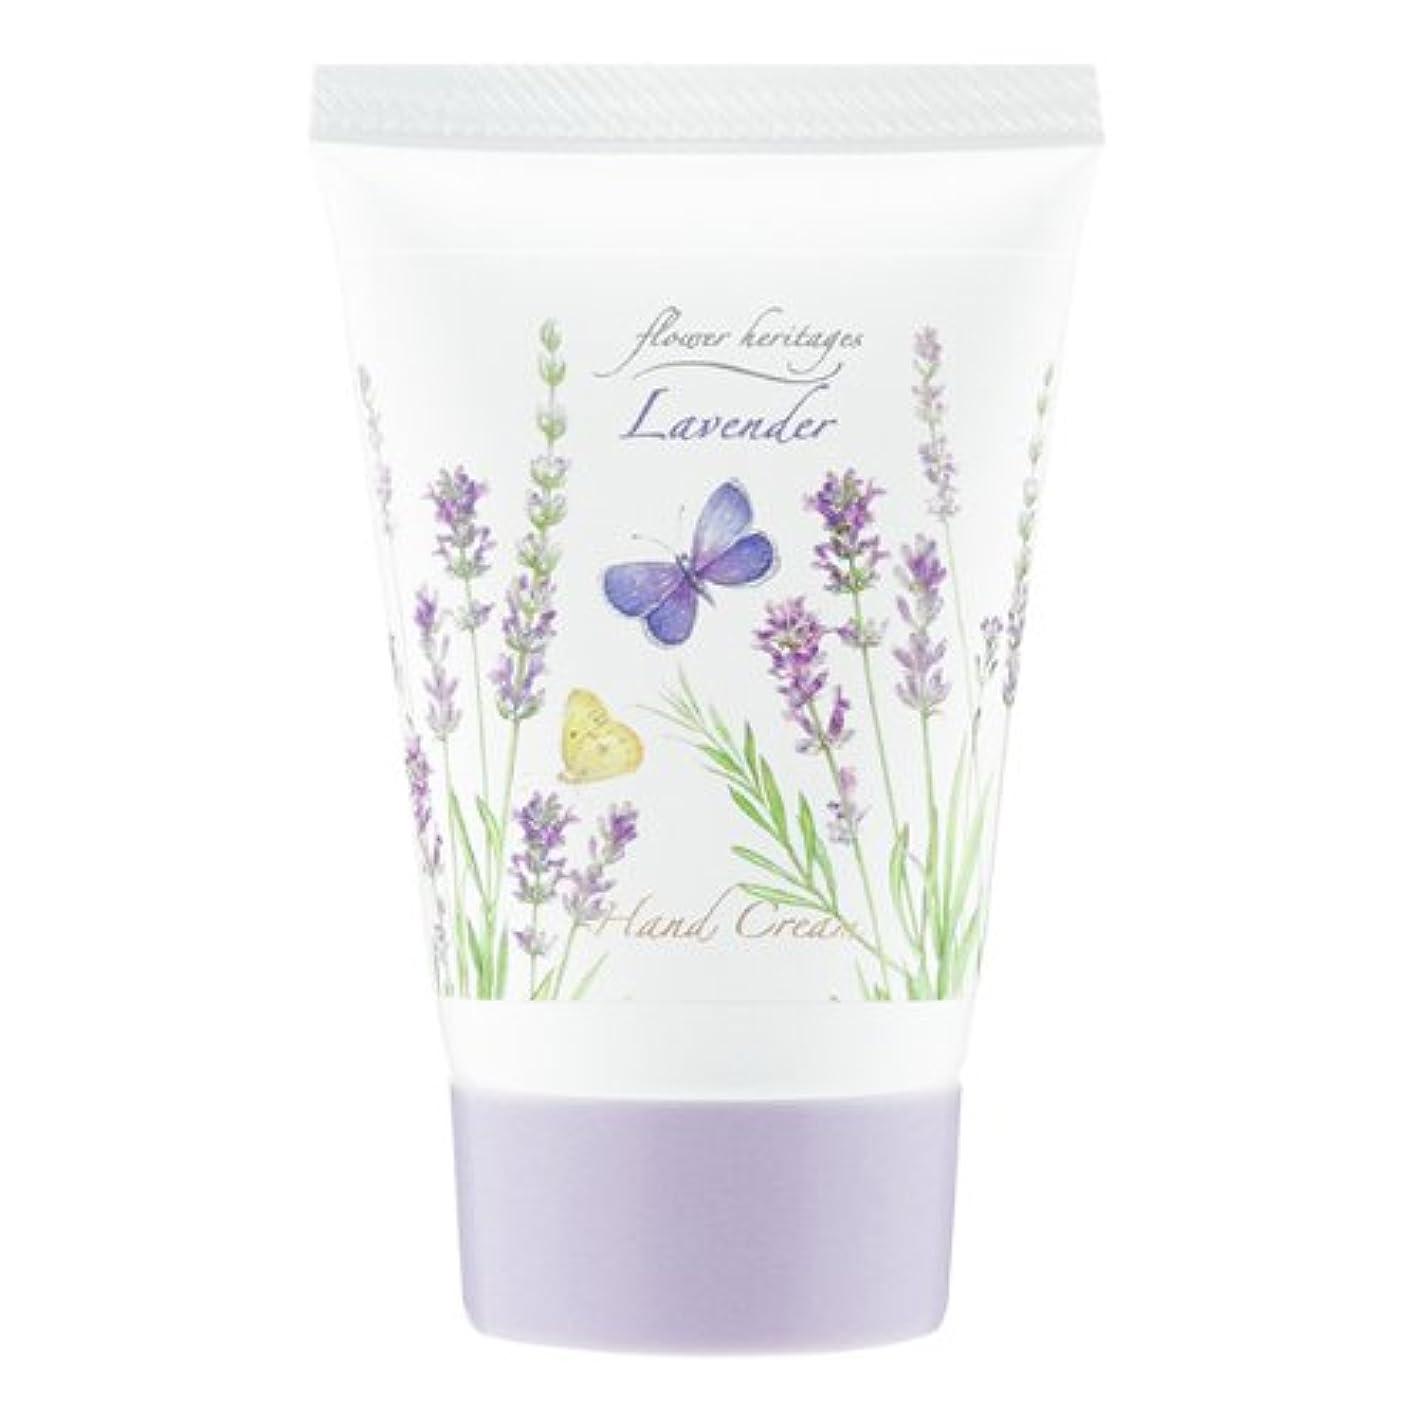 ネイチャータッチ (Nature Touch) Flower Heritage ハンドクリーム40g/ラベンダー